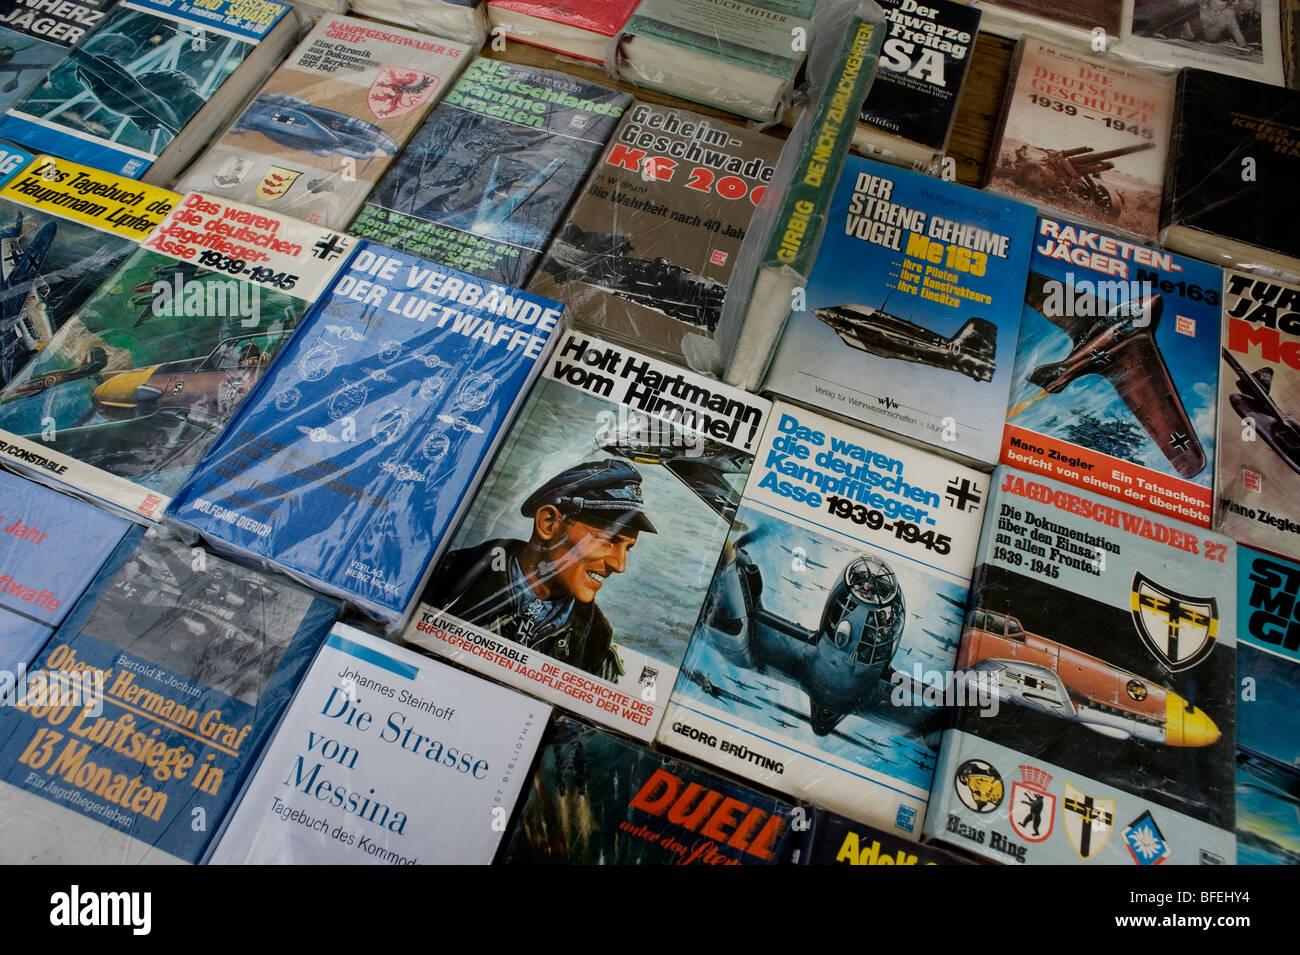 Berlin 1990 DDR,flea market,Wall,war books, - Stock Image